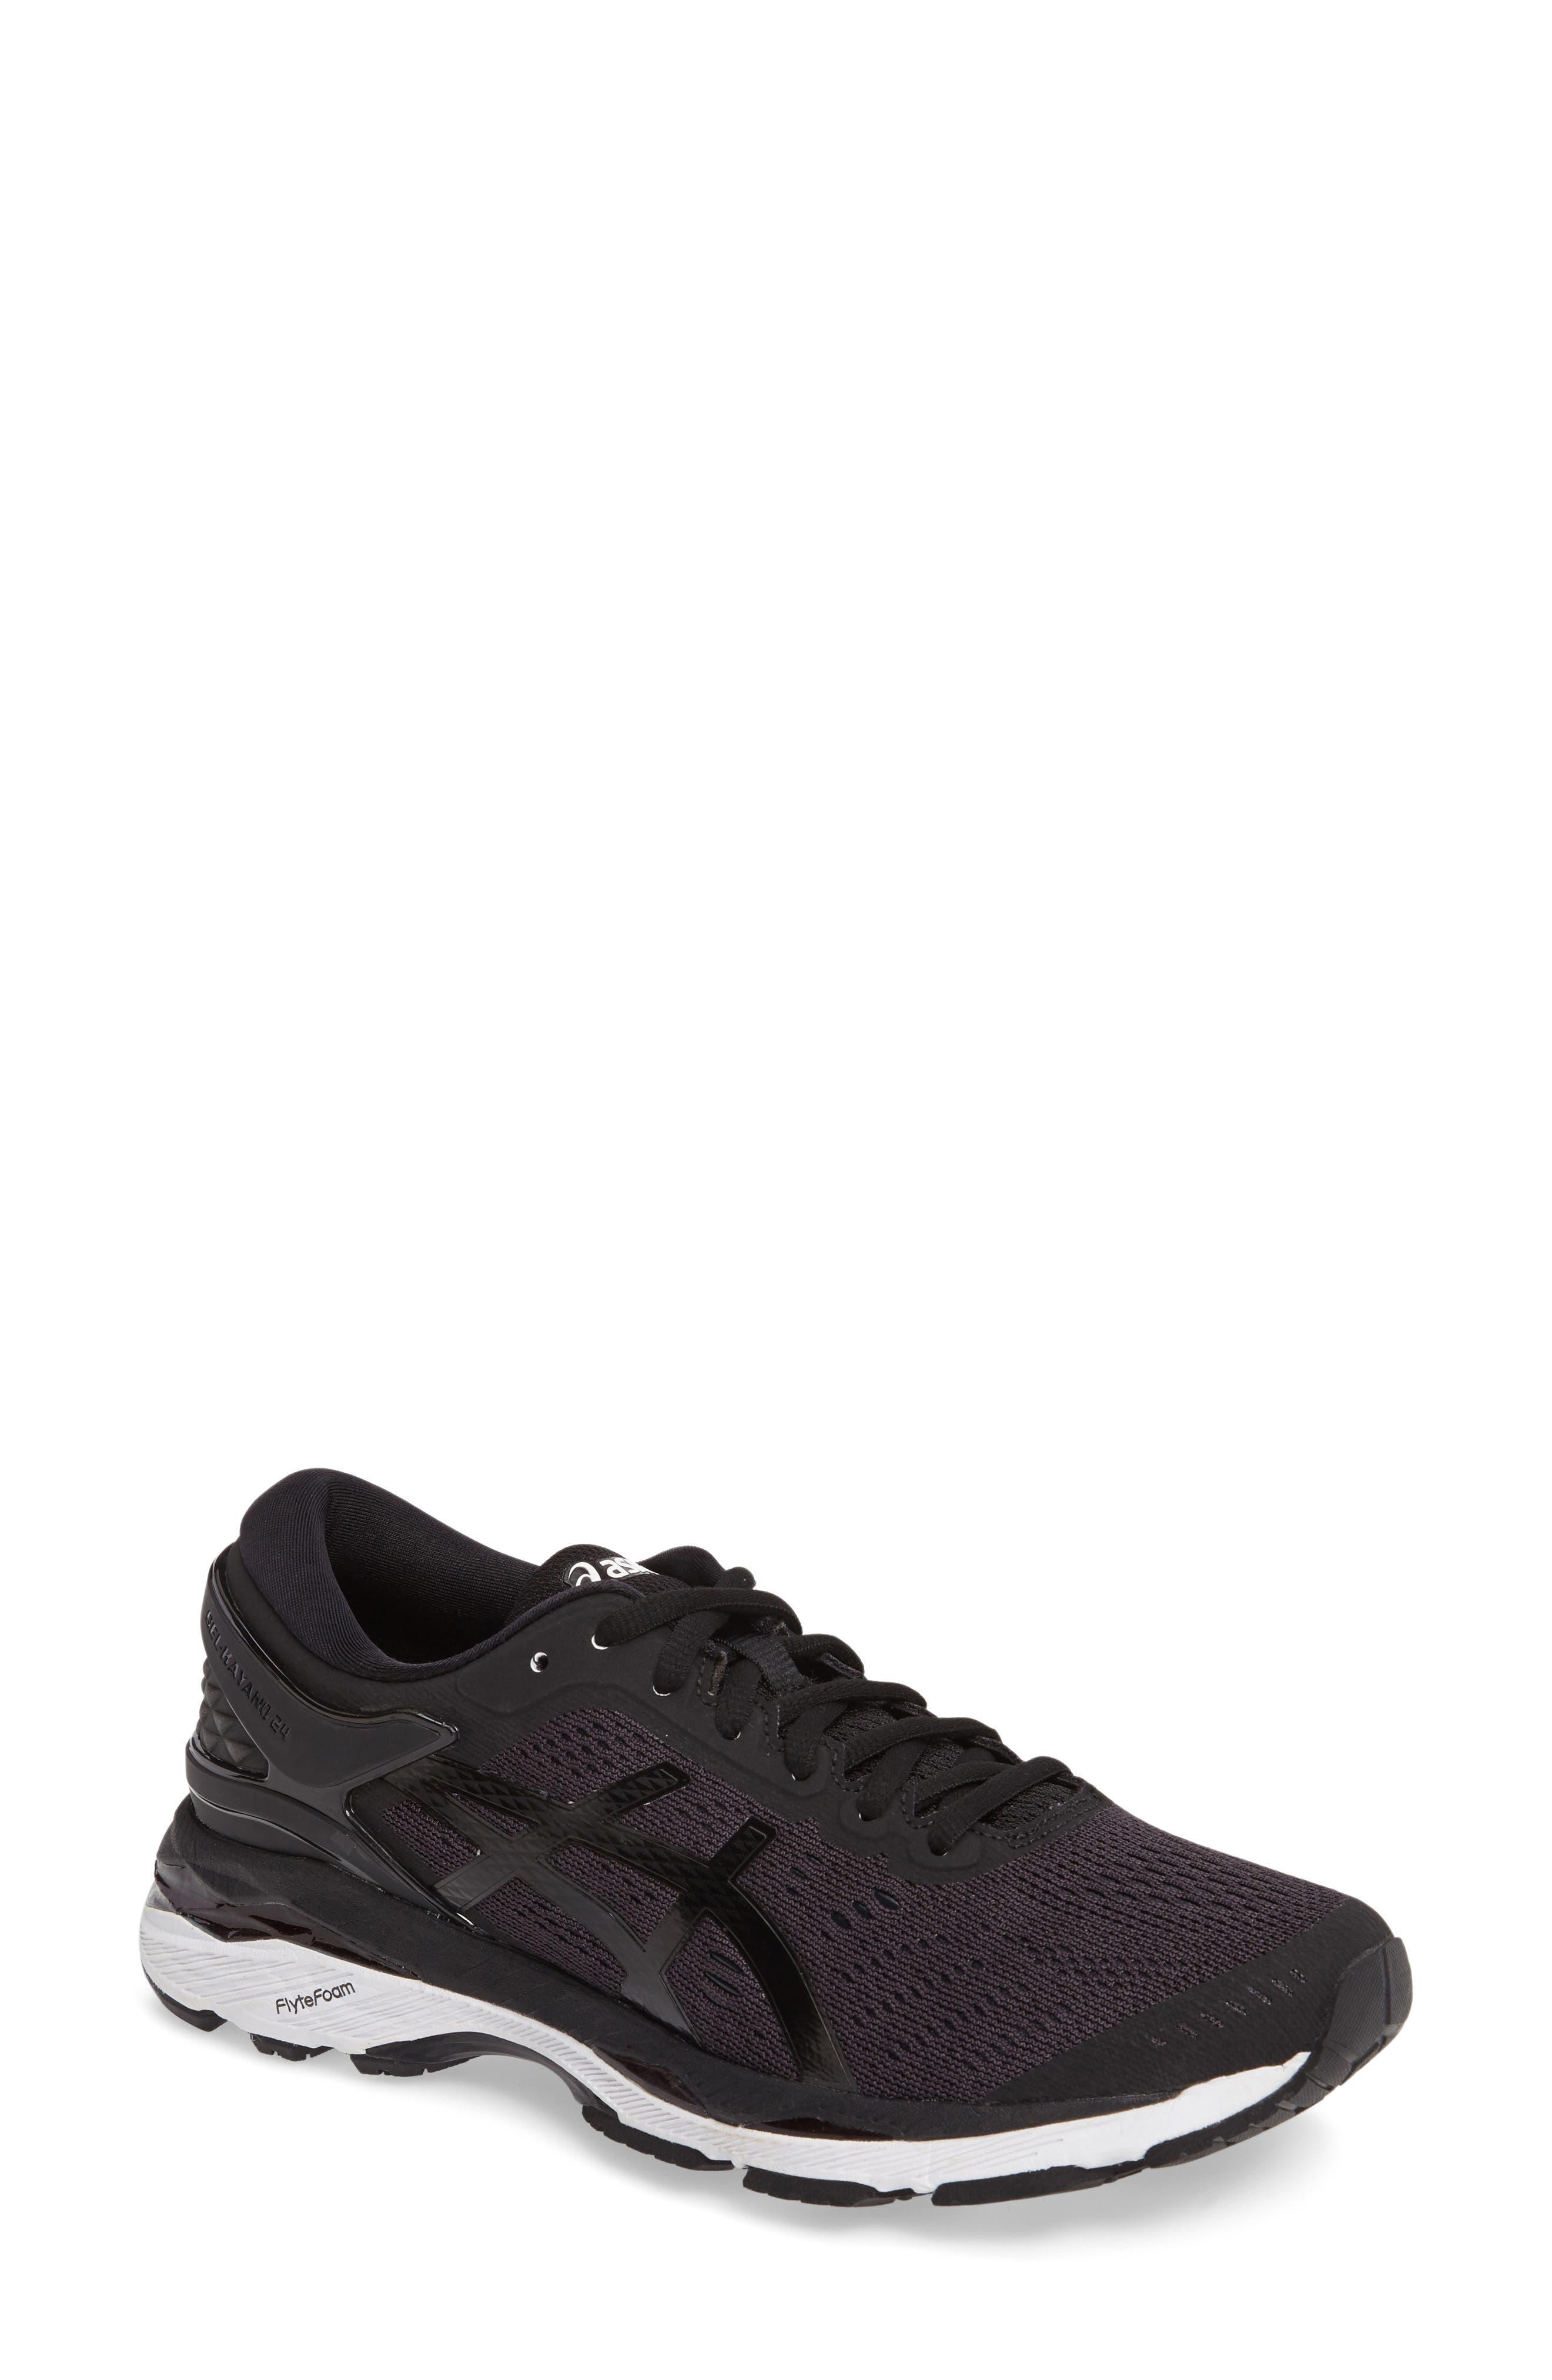 Alternate Image 1 Selected - ASICS® GEL-Kayano® 24 Running Shoe (Women)